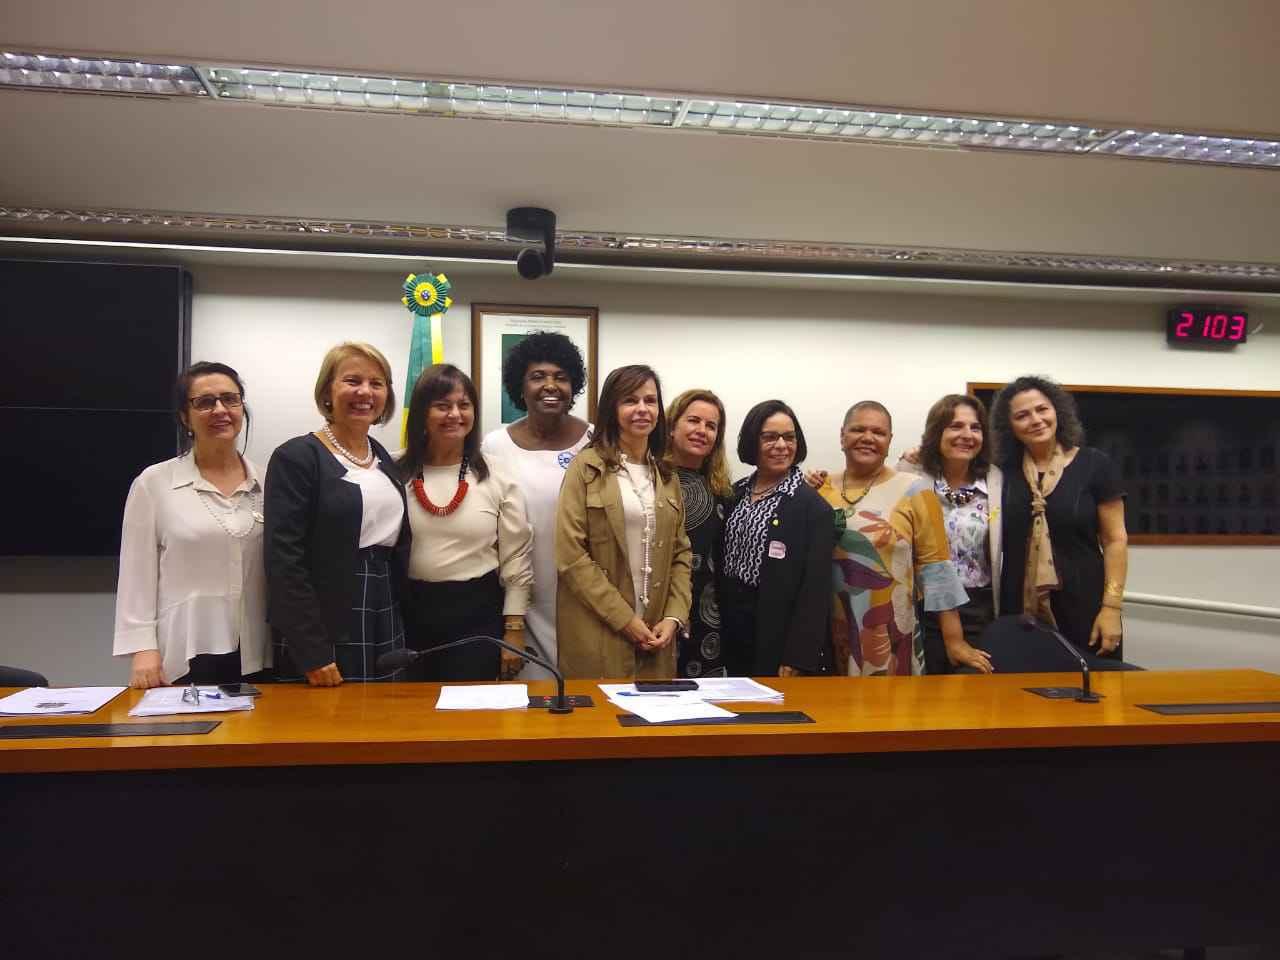 A reitora Sandra Goulart Almeida (quinta da direita para a esquerda) com as parlamentares da bancada feminina